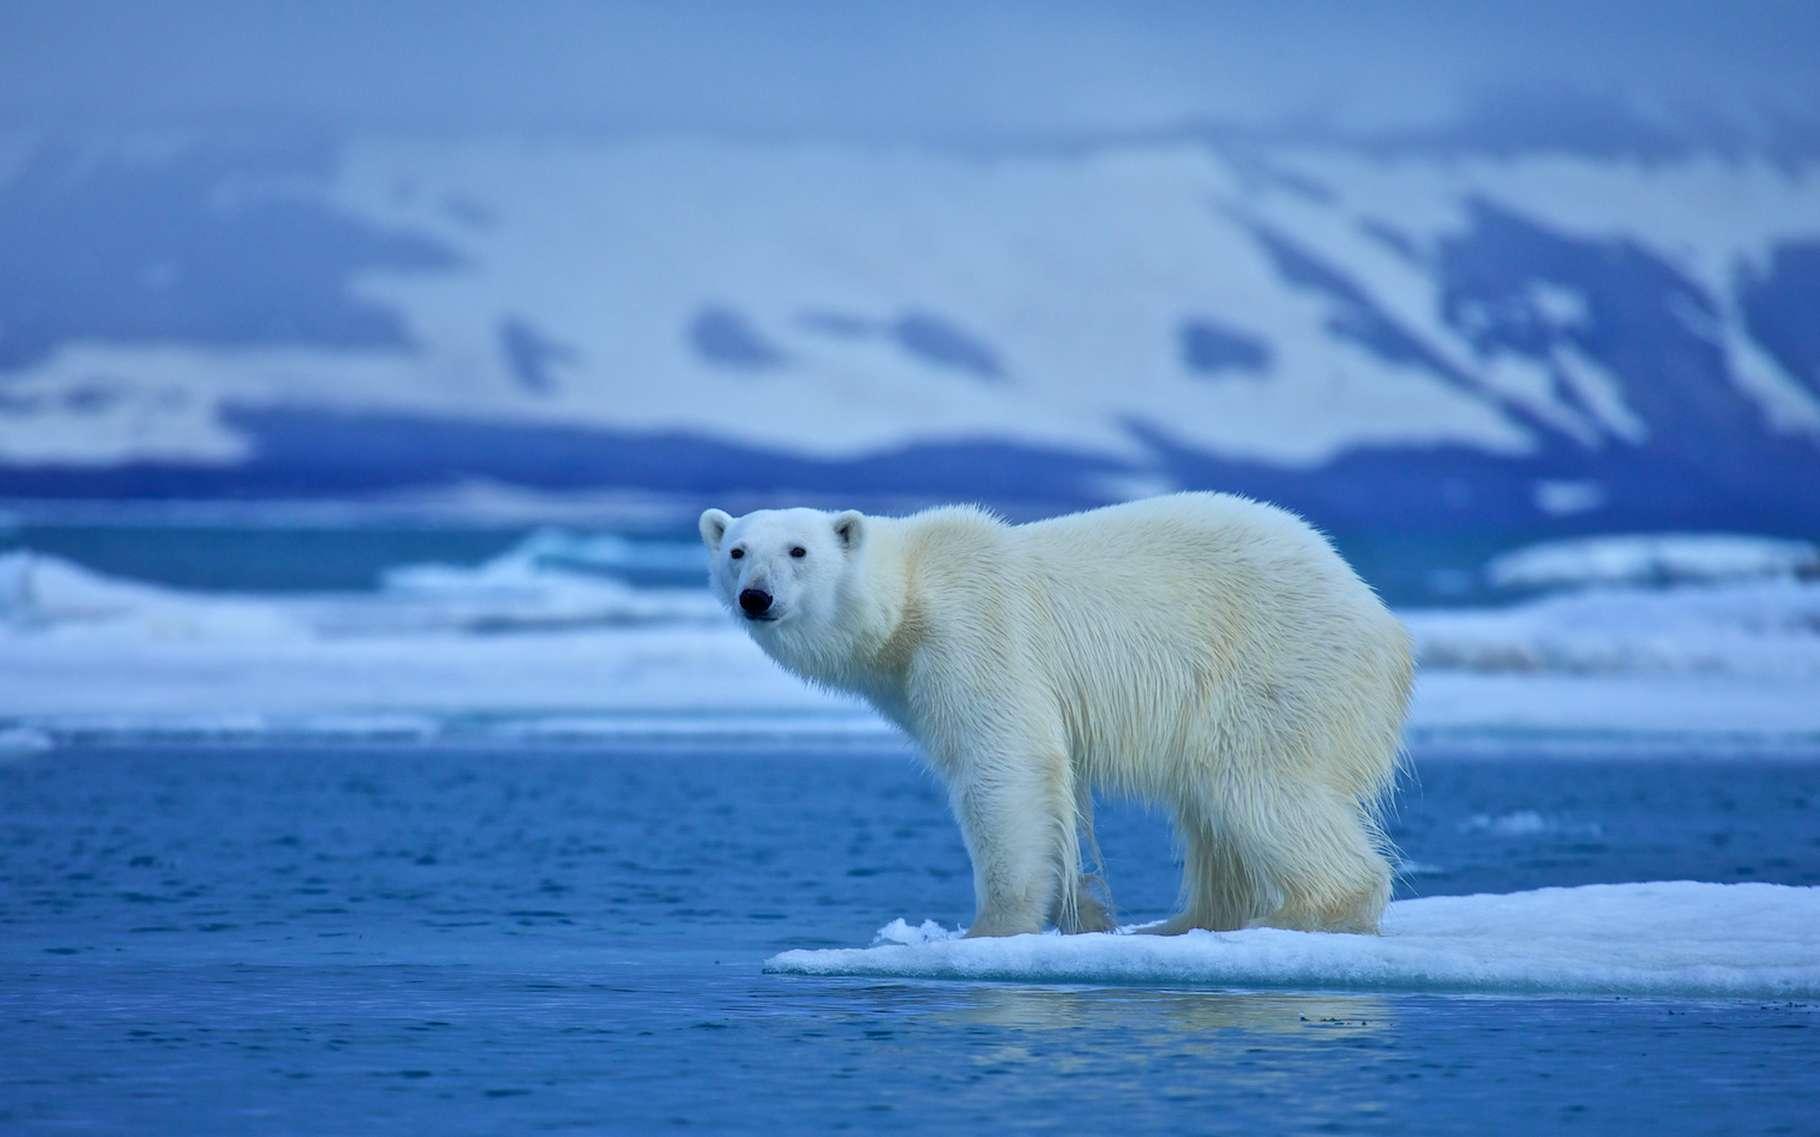 Les données qu'ils ont recueilli dans l'Arctique pendant plus d'un an laissent penser aux chercheurs que la région pourrait déjà avoir franchi son point de basculement. © st_iv, Adobe Stock